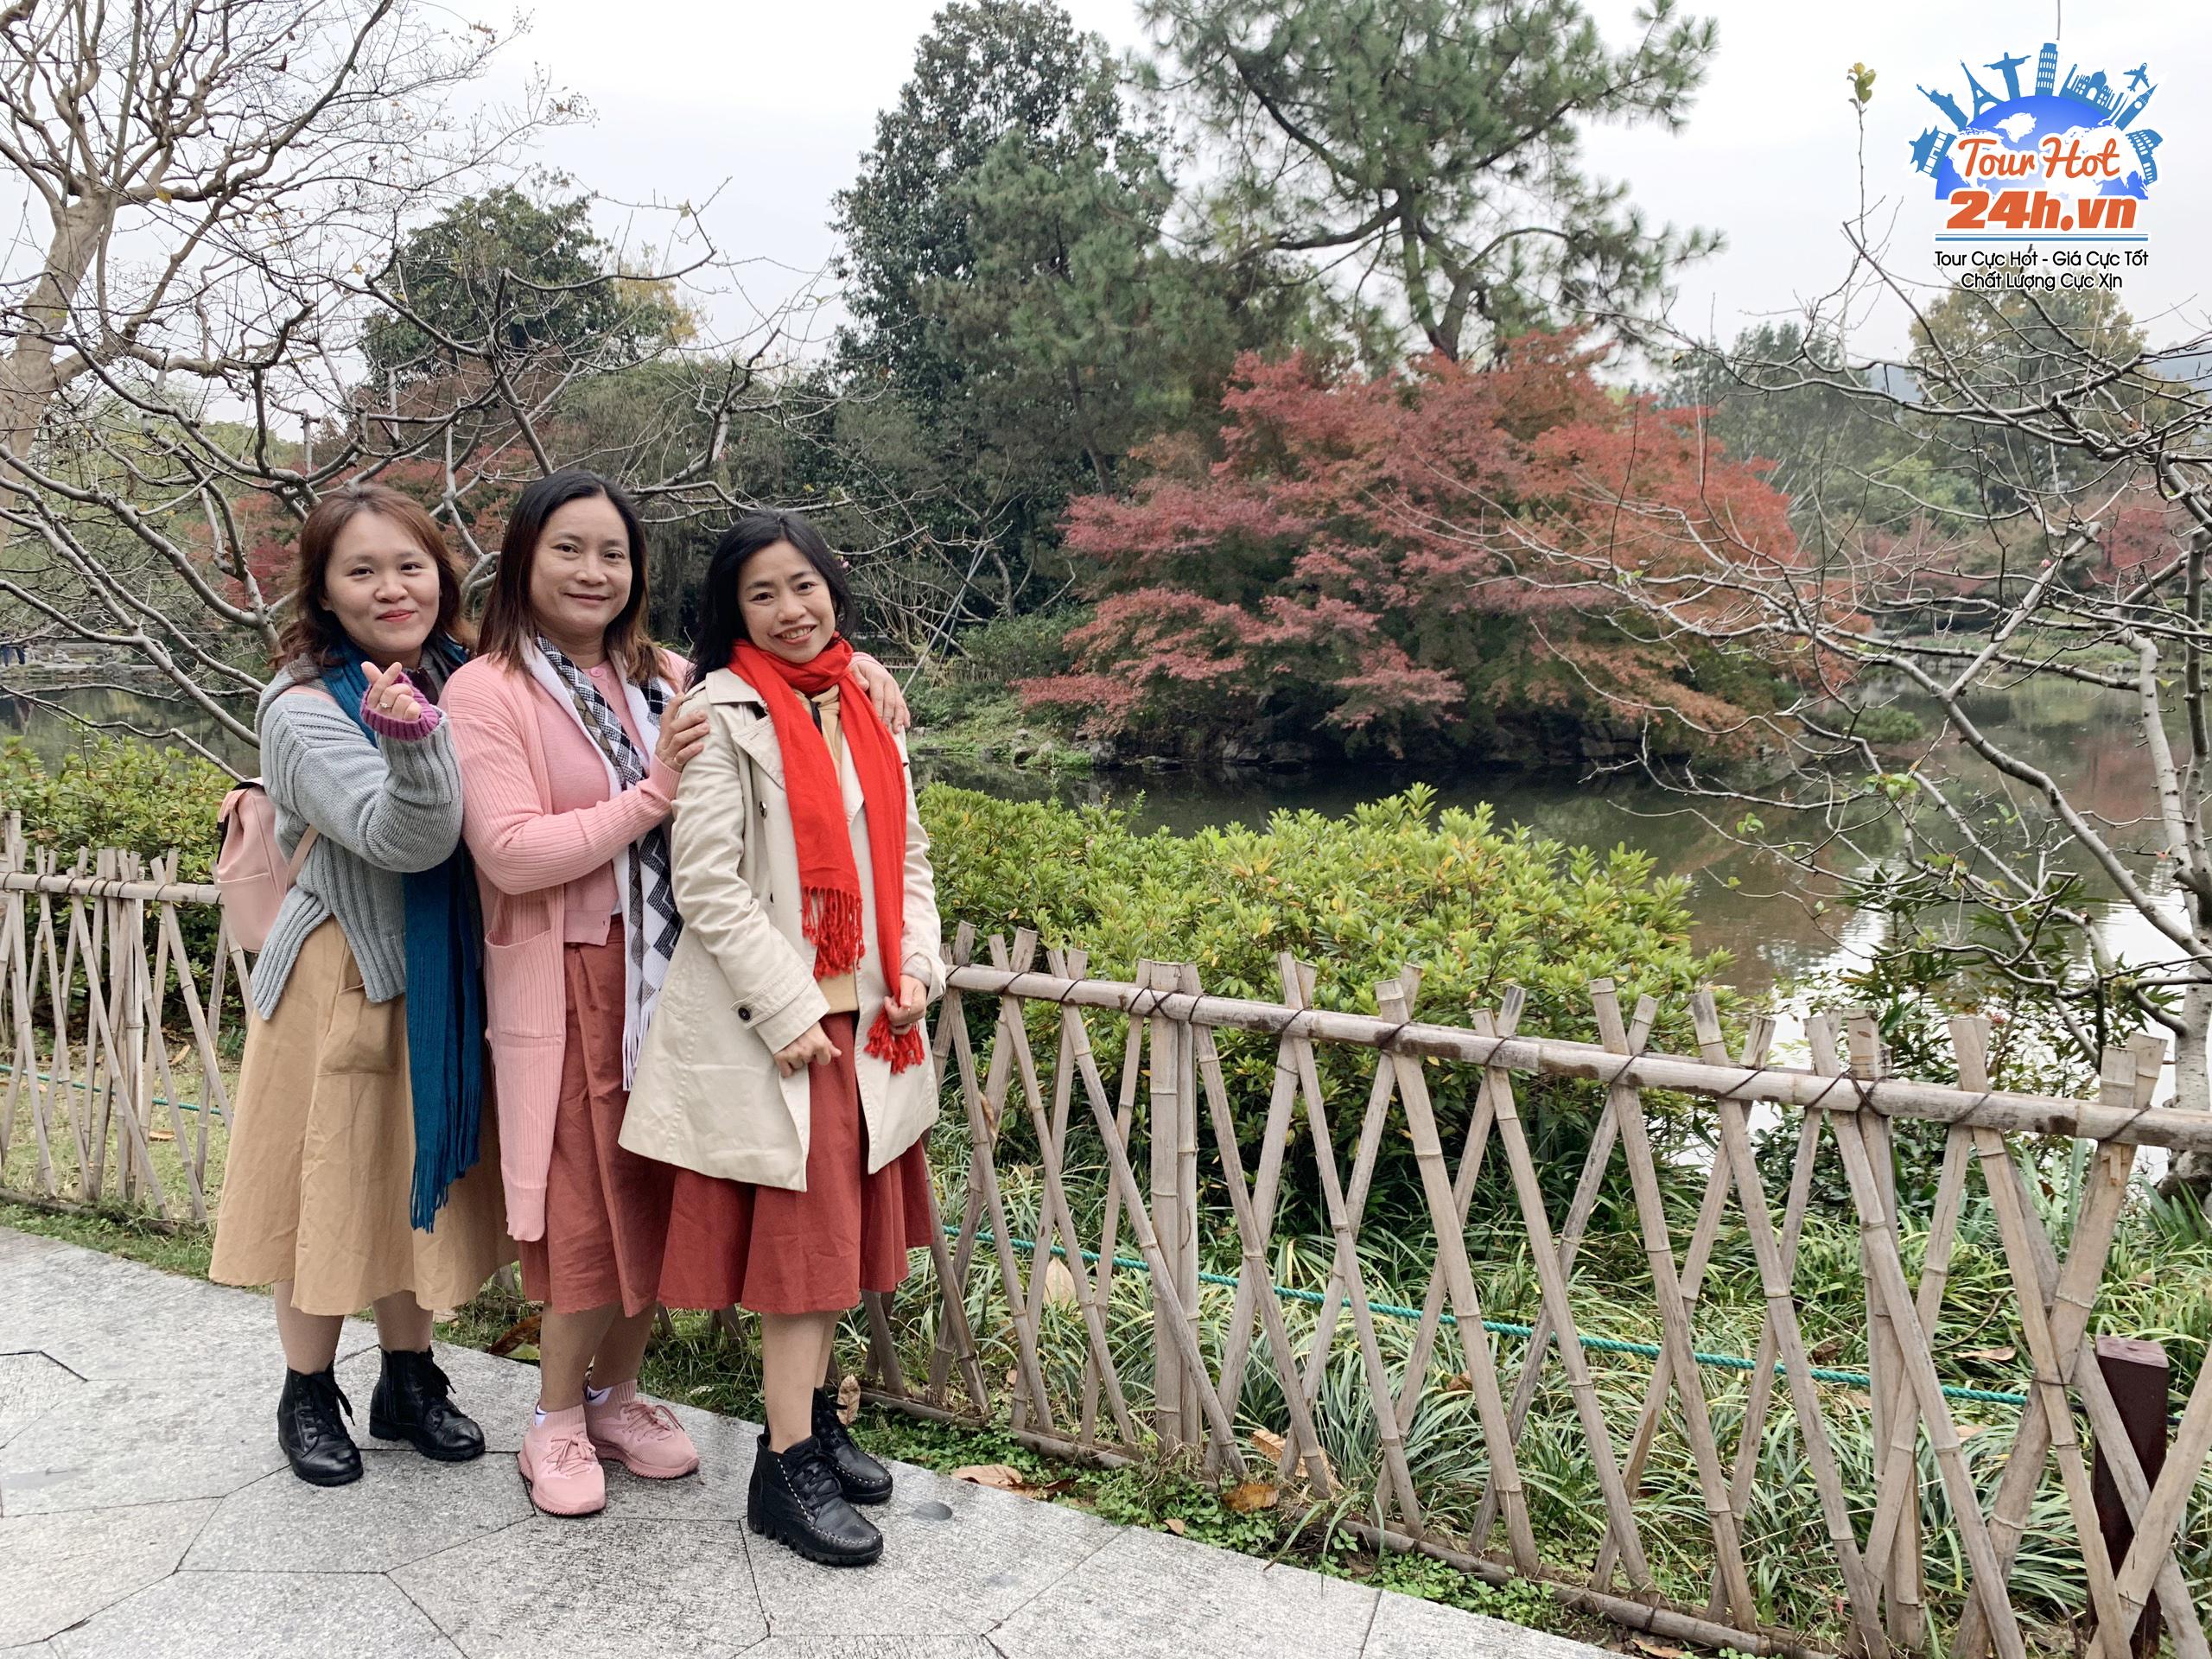 Khách hàng thực tế tour du lịch Hoàng Sơn tứ tuyệt